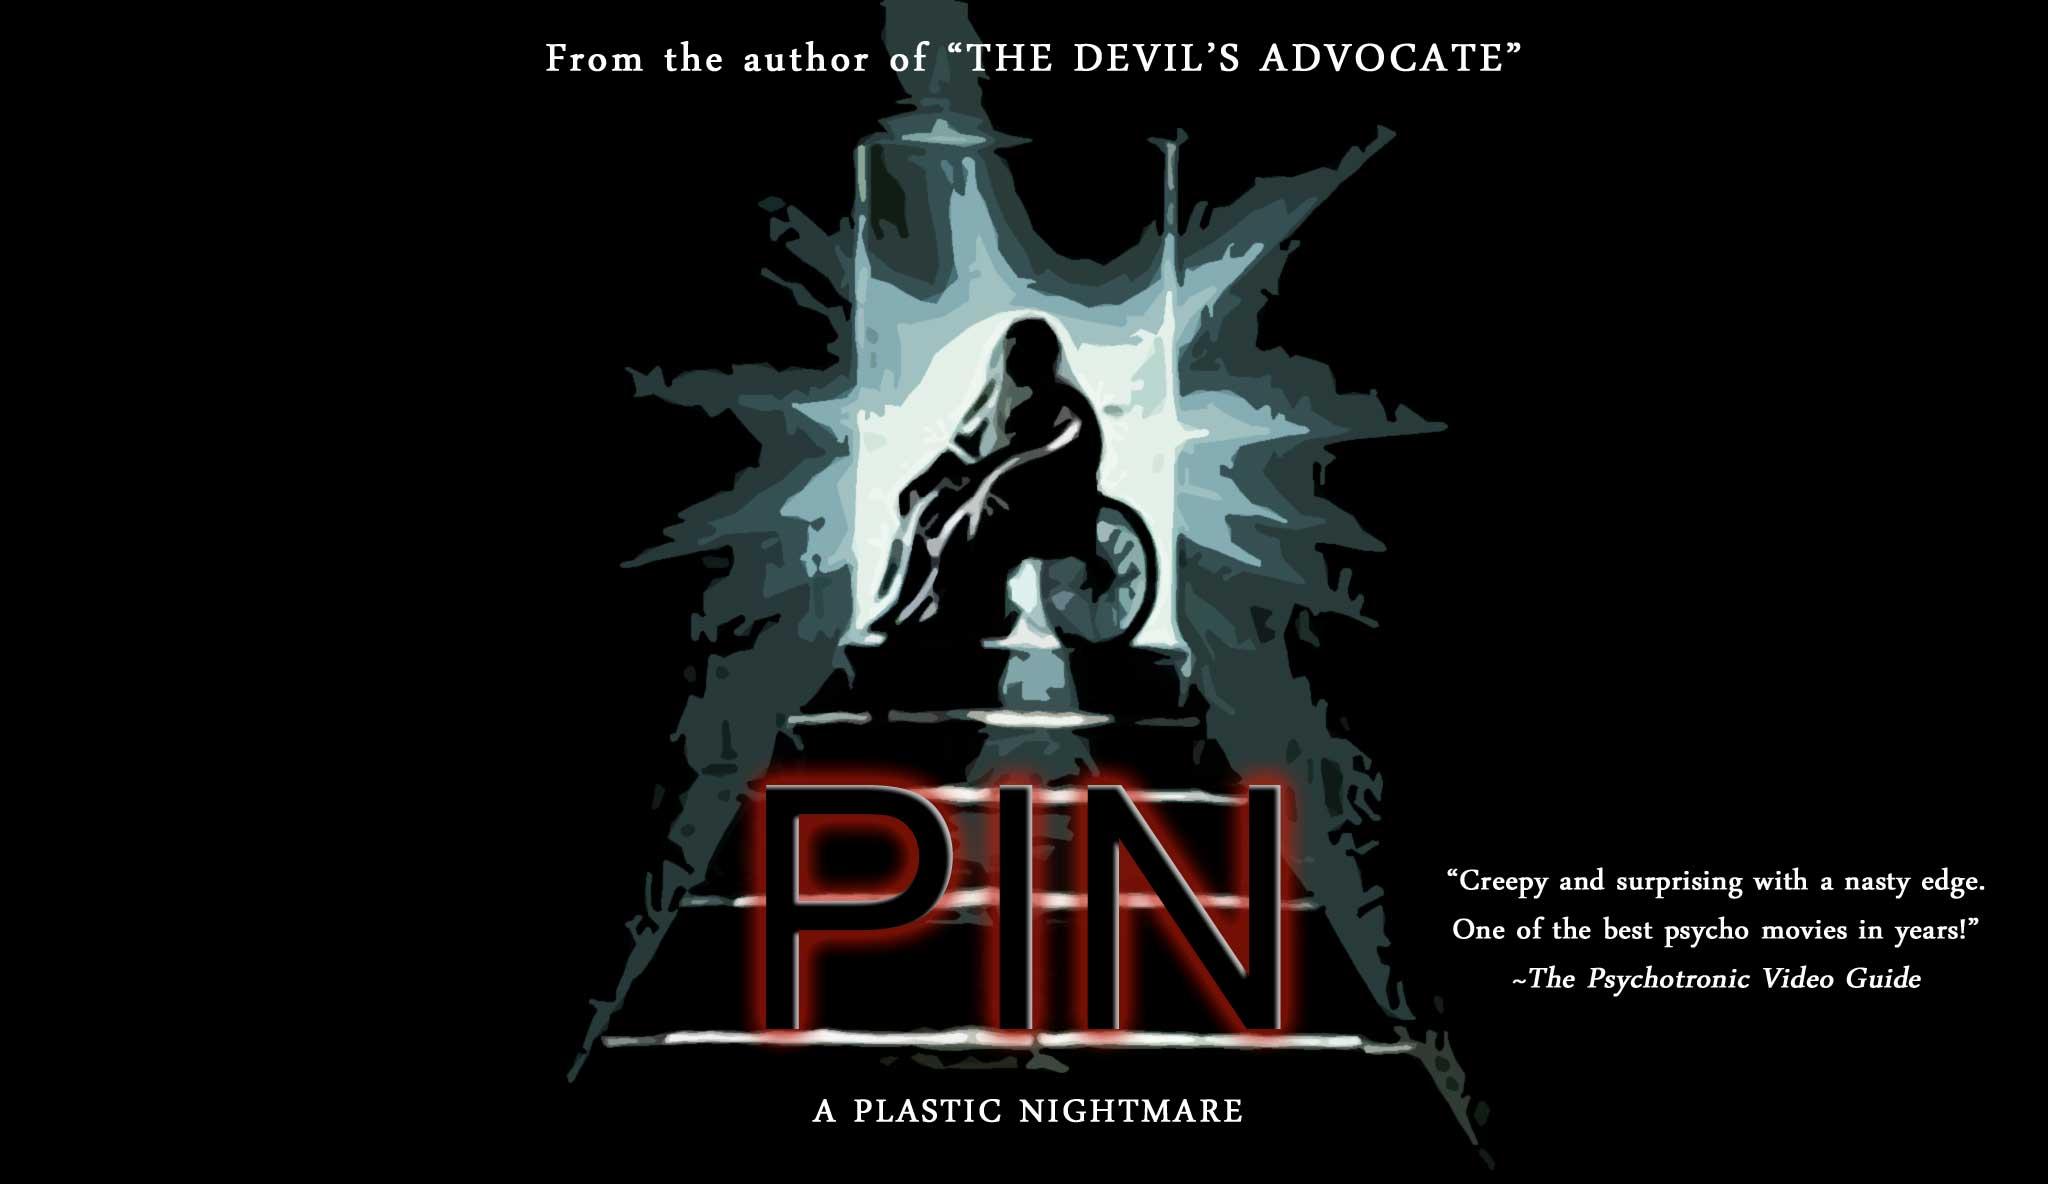 pin\header.jpg